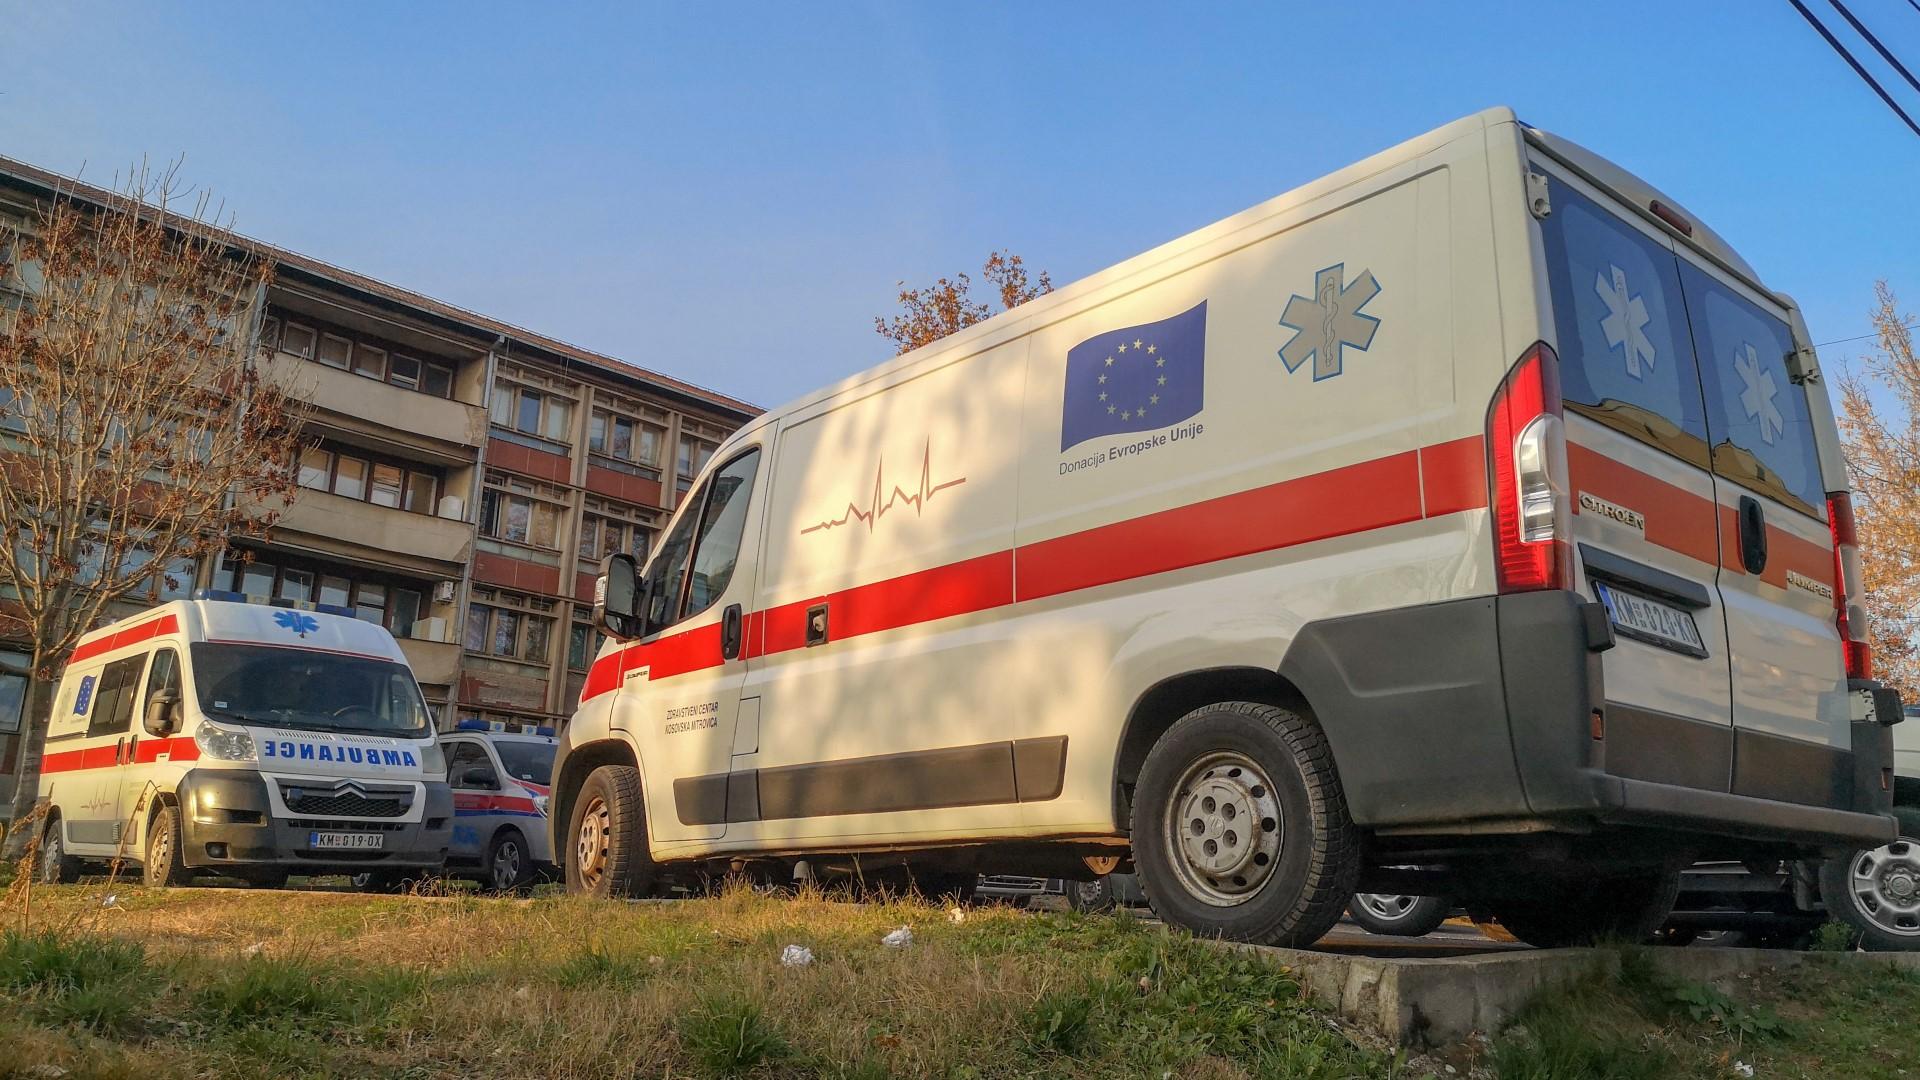 srbija-21-lice-preminulo-vise-od-1500-novoobolelih